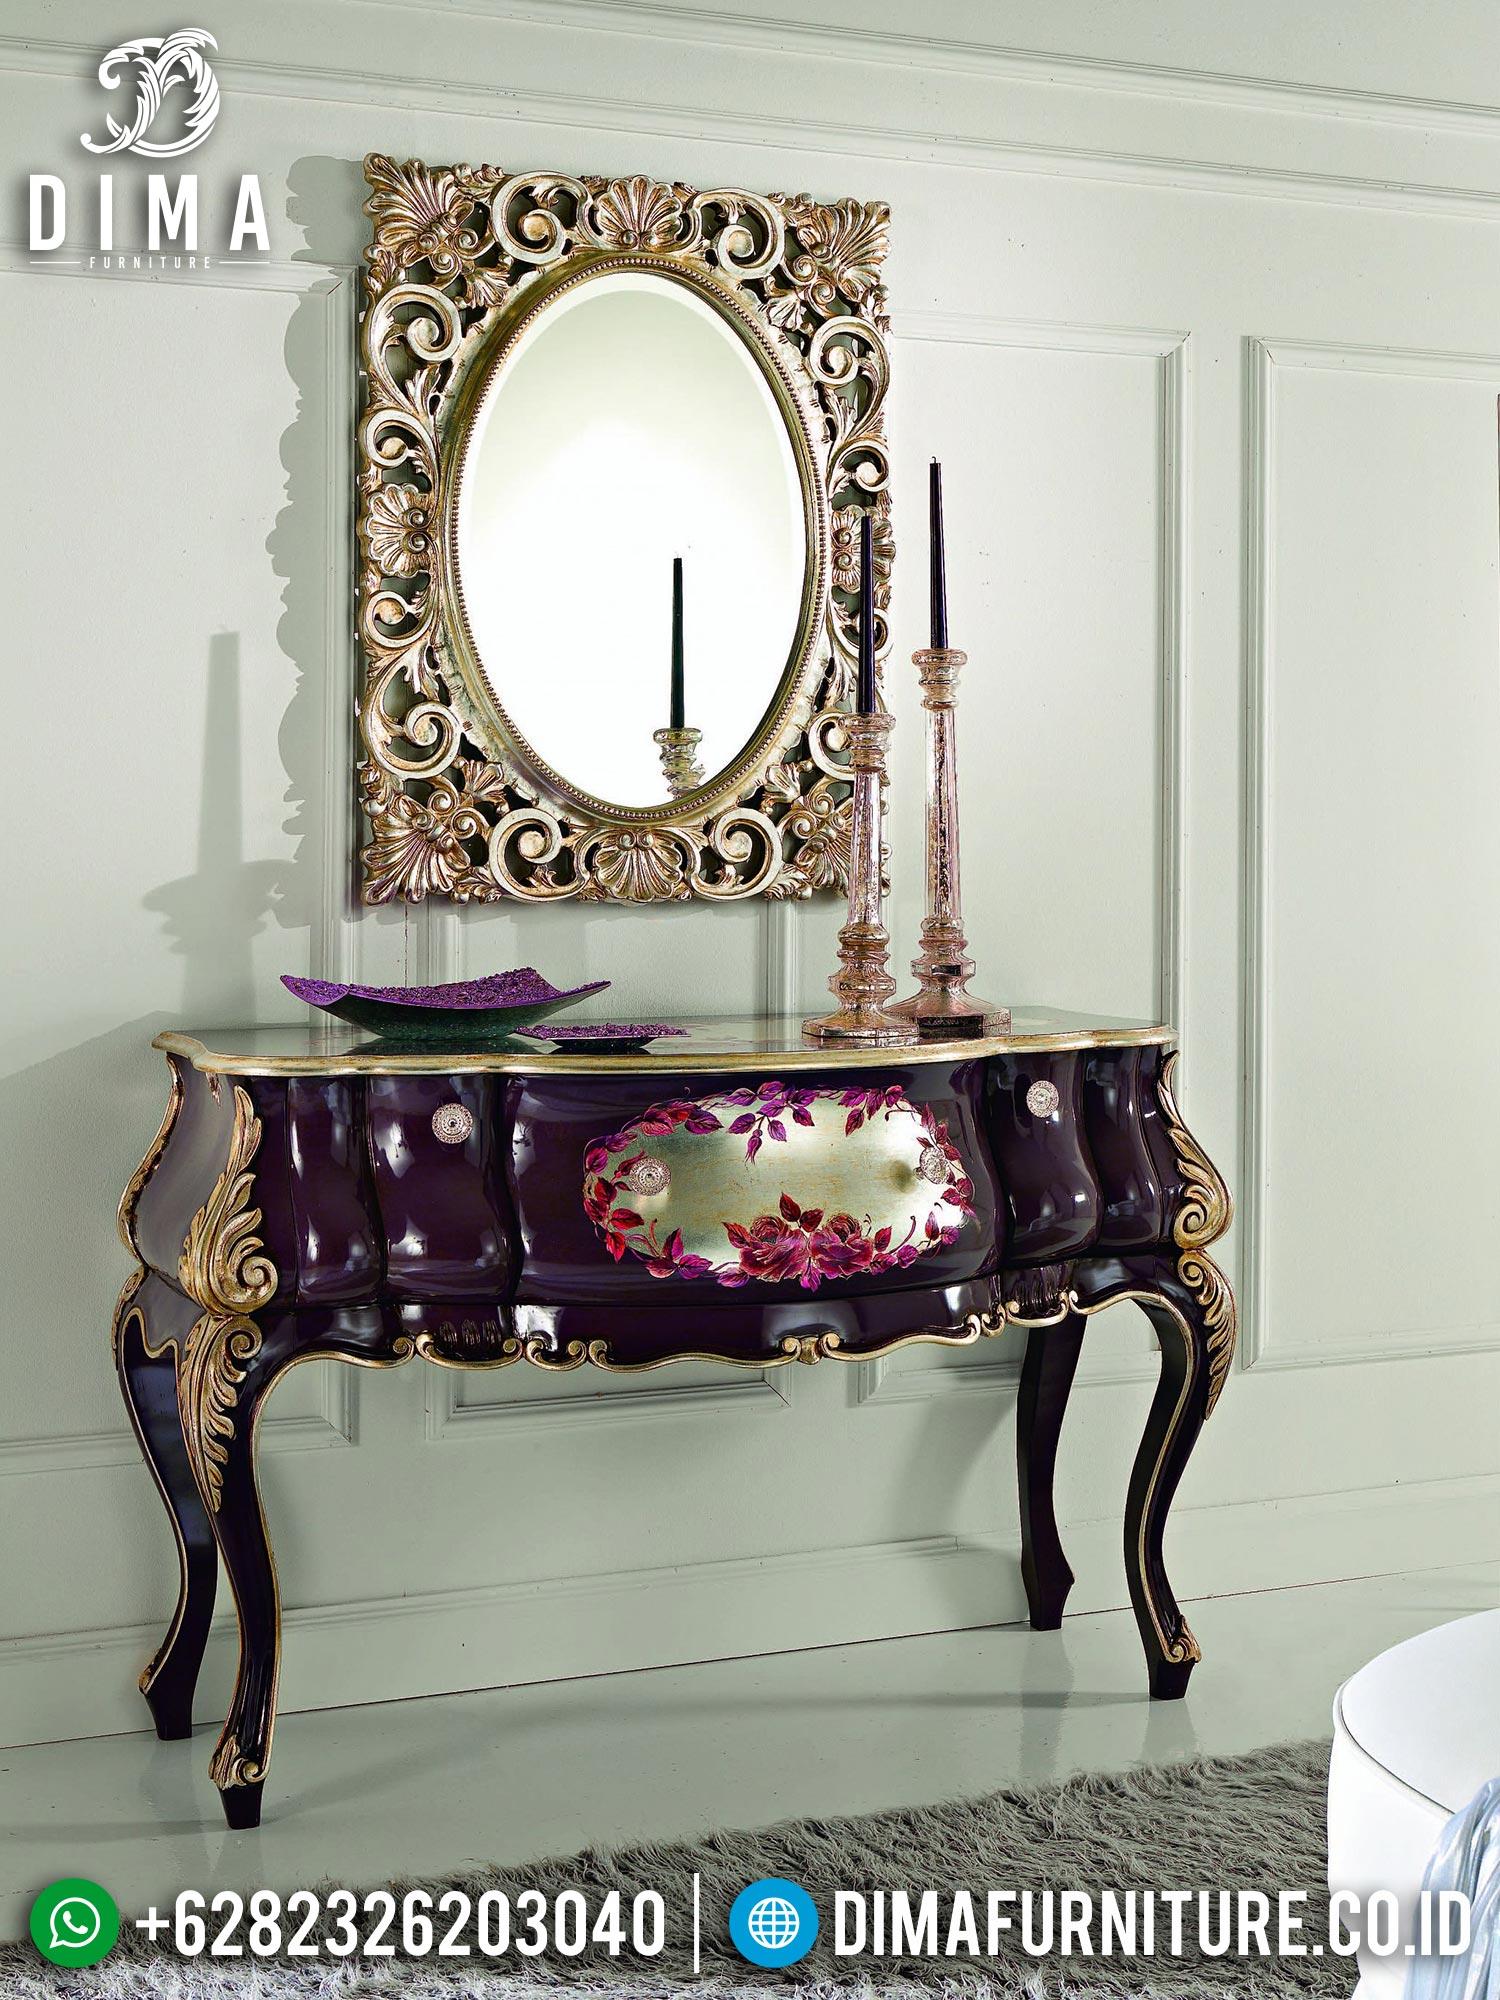 Incredibly Luxury Meja Konsul Mewah Ukiran Jepara Art Duco Luxury Color TTJ-1558